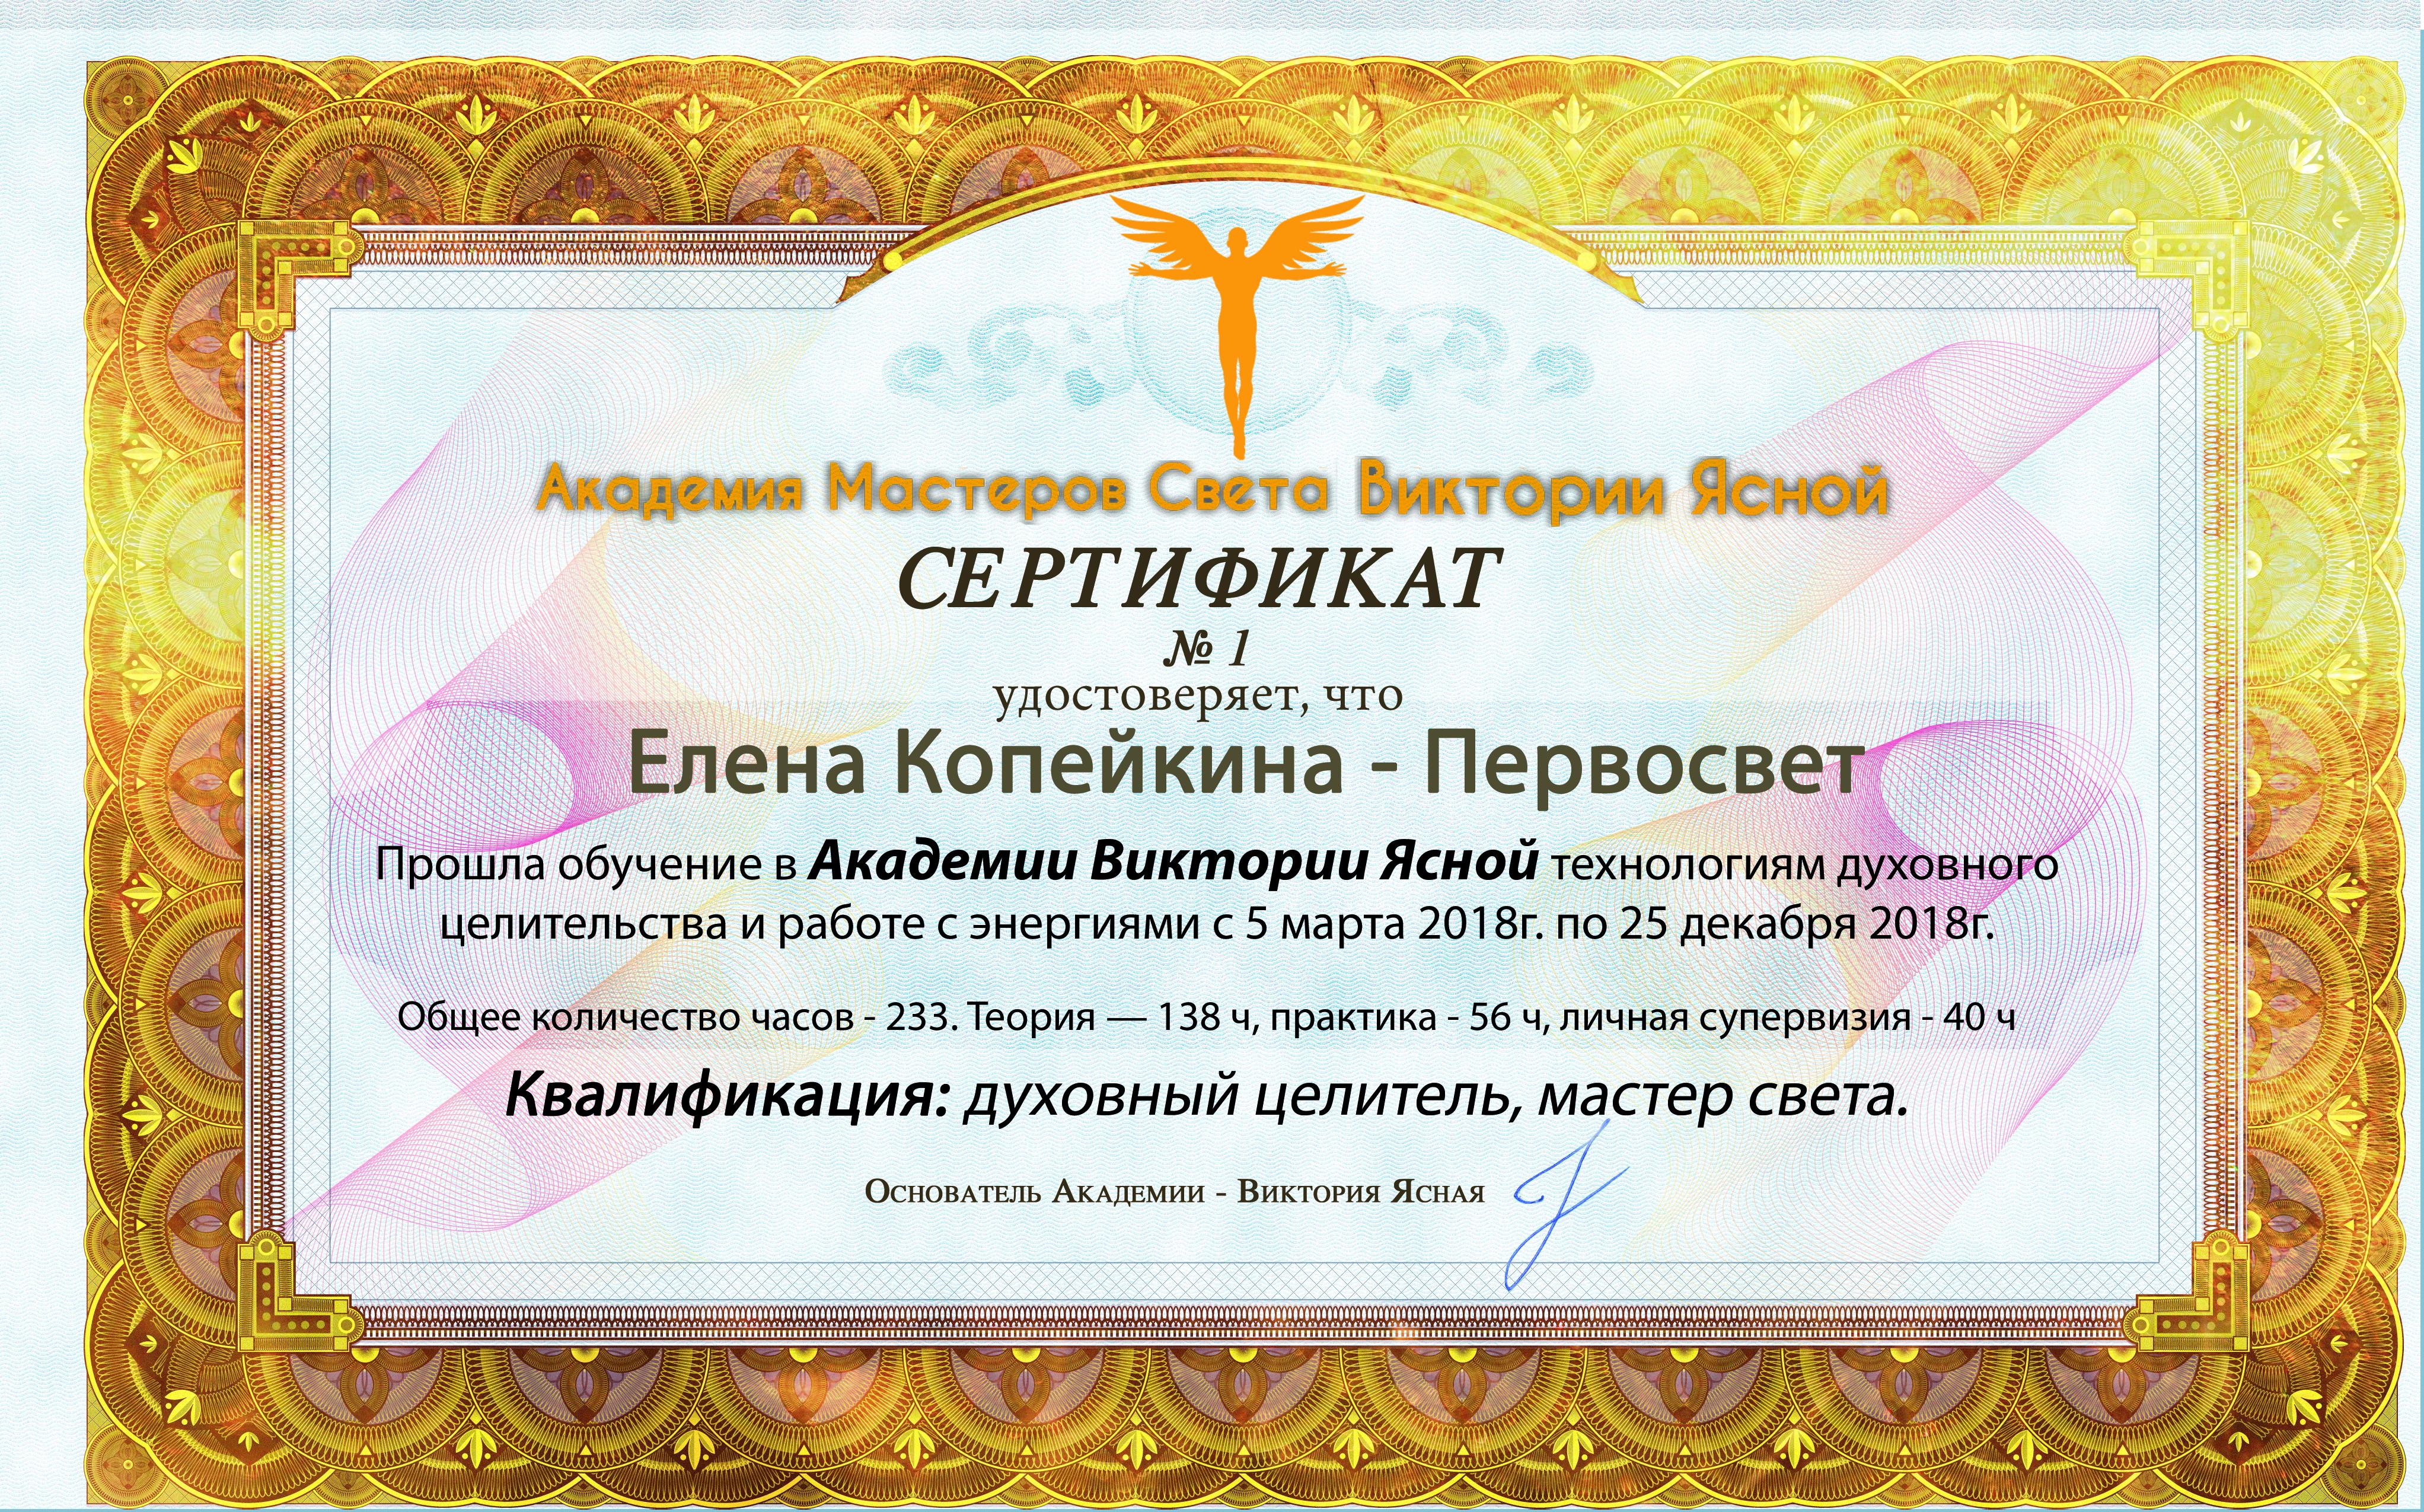 1 Елена Копейкина (Первосвет)